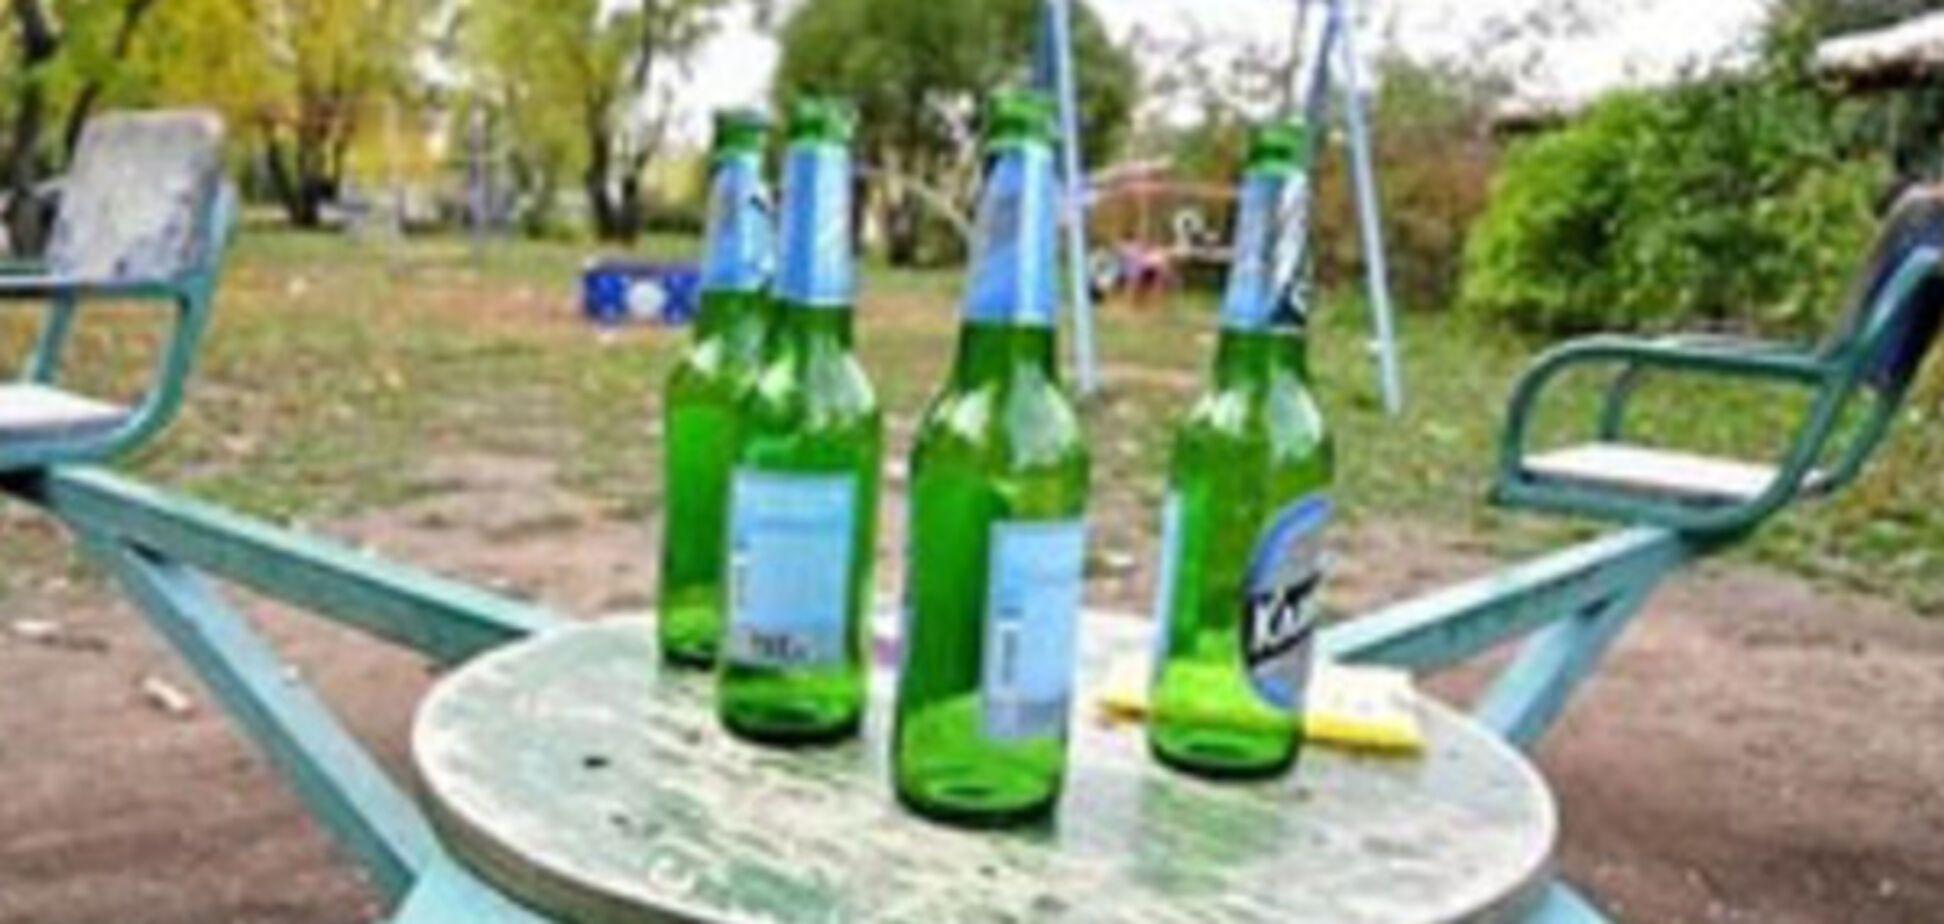 спиртное на детской площадке